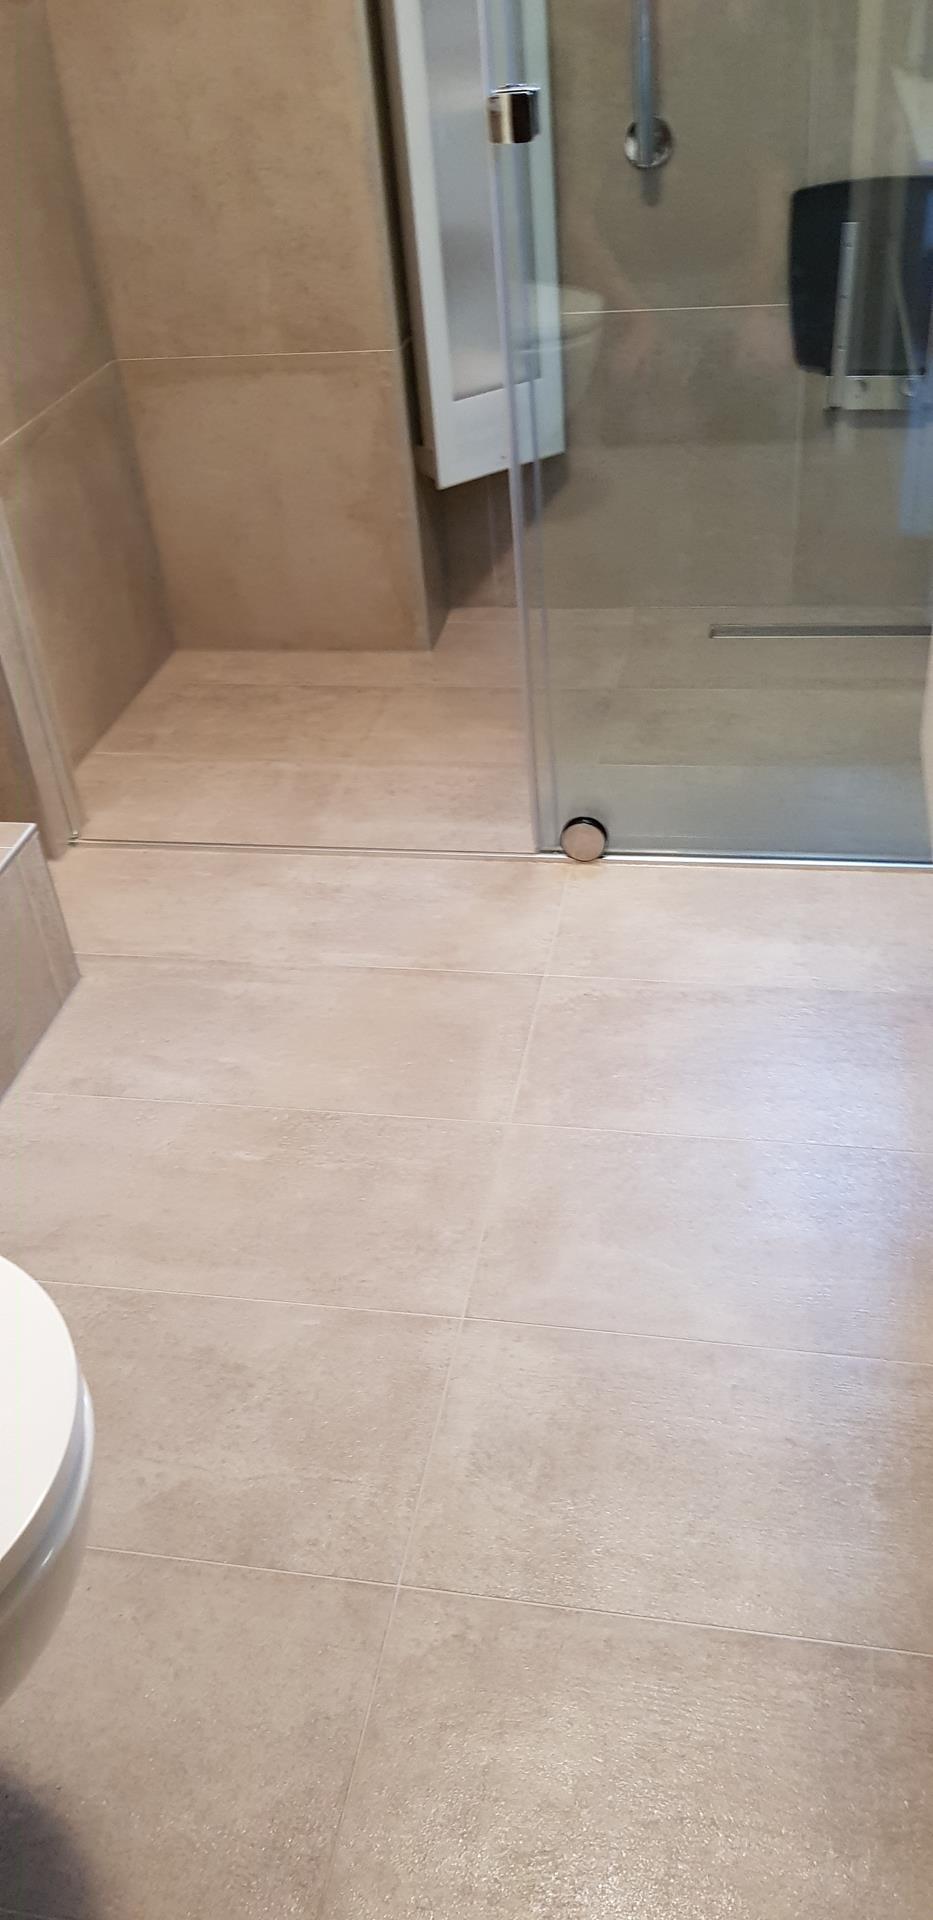 Badkamervloer voor behandeling met antislip